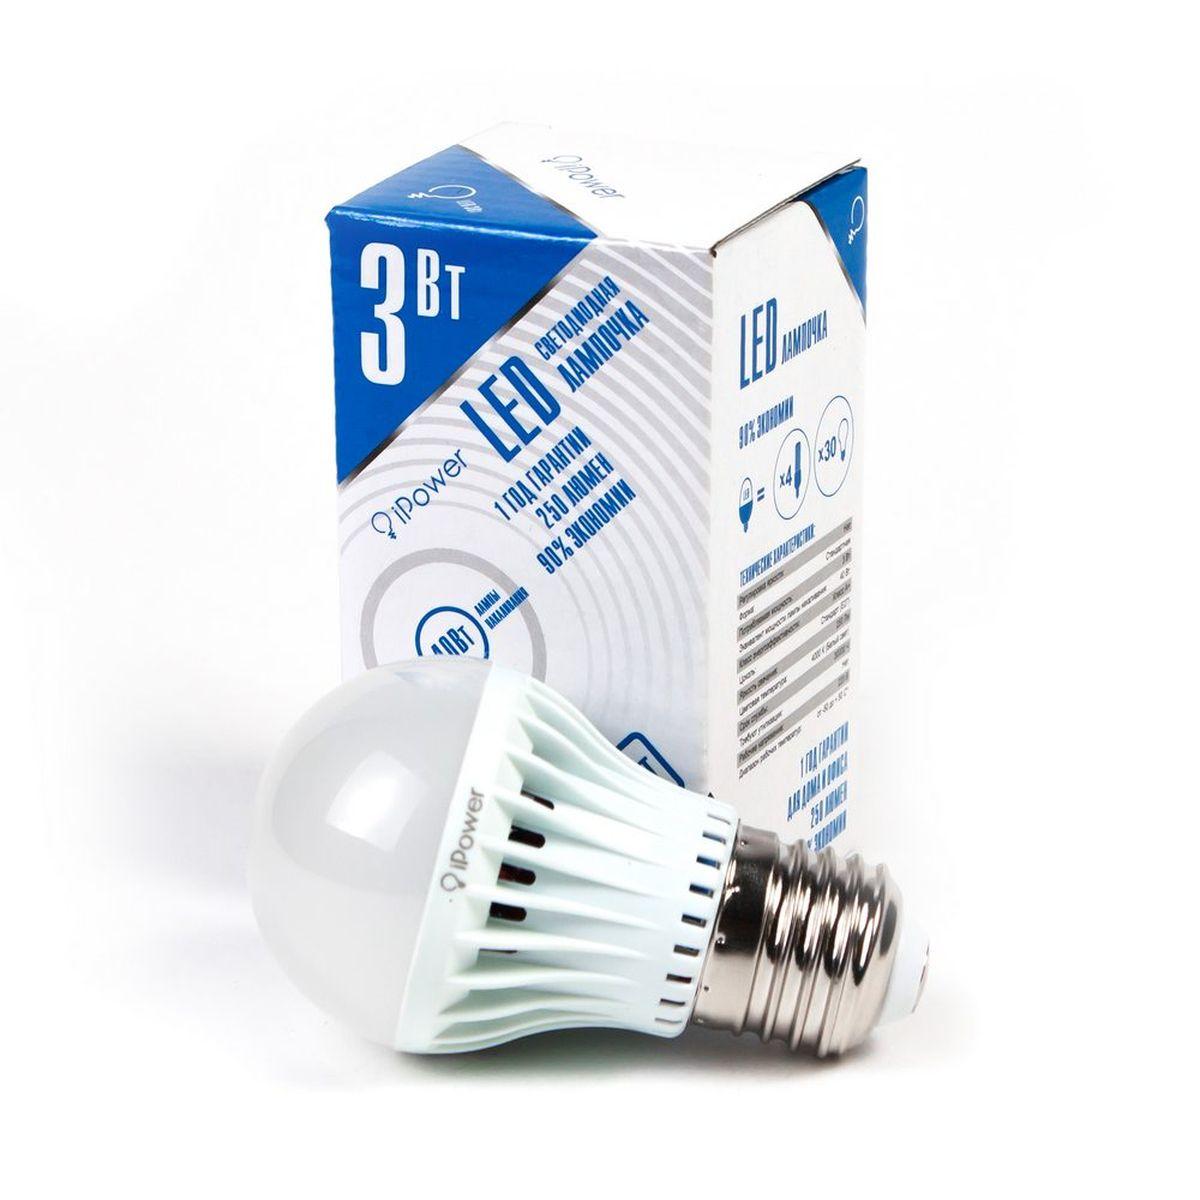 Лампа светодиодная iPower, цоколь Е27, 3W, 4000К1001947Светодиодная лампа iPower имеет очень низкое энергопотребление. В сравнении с лампами накаливания LED потребляет в 12 раз меньше электричества, а в сравнении с энергосберегающими - в 2-4 раза меньше. При этом срок службы LED лампочки в 5 раз выше, чем энергосберегающей, и в 50 раз выше, чем у лампы накаливания. Светодиодная лампа iPower создает мягкий рассеивающий свет без мерцаний, что совершенно безопасно для глаз. Она специально разработана по требованиям российских и европейских законов и подходит ко всем осветительным устройствам, совместимым со стандартным цоколем E27. Использование светодиодов от мирового лидера Epistar - это залог надежной и стабильной работы лампы. Нейтральный белый оттенок свечения идеально подойдёт для освещения, как офисов, образовательных и медицинских учреждений, так и кухни, гостиной. Диапазон рабочих температур: от -50°C до +50°С. Материал: поликарбонат. Потребляемая мощность: 3 Вт. Рабочее напряжение: В 220В. Световая температура: 4000К (белый свет). Срок службы: 30000 часов. Форма: стандарт. Цоколь: стандарт (E27). Эквивалент мощности лампы накаливания: 40 Вт. Яркость свечения: 250 Лм.